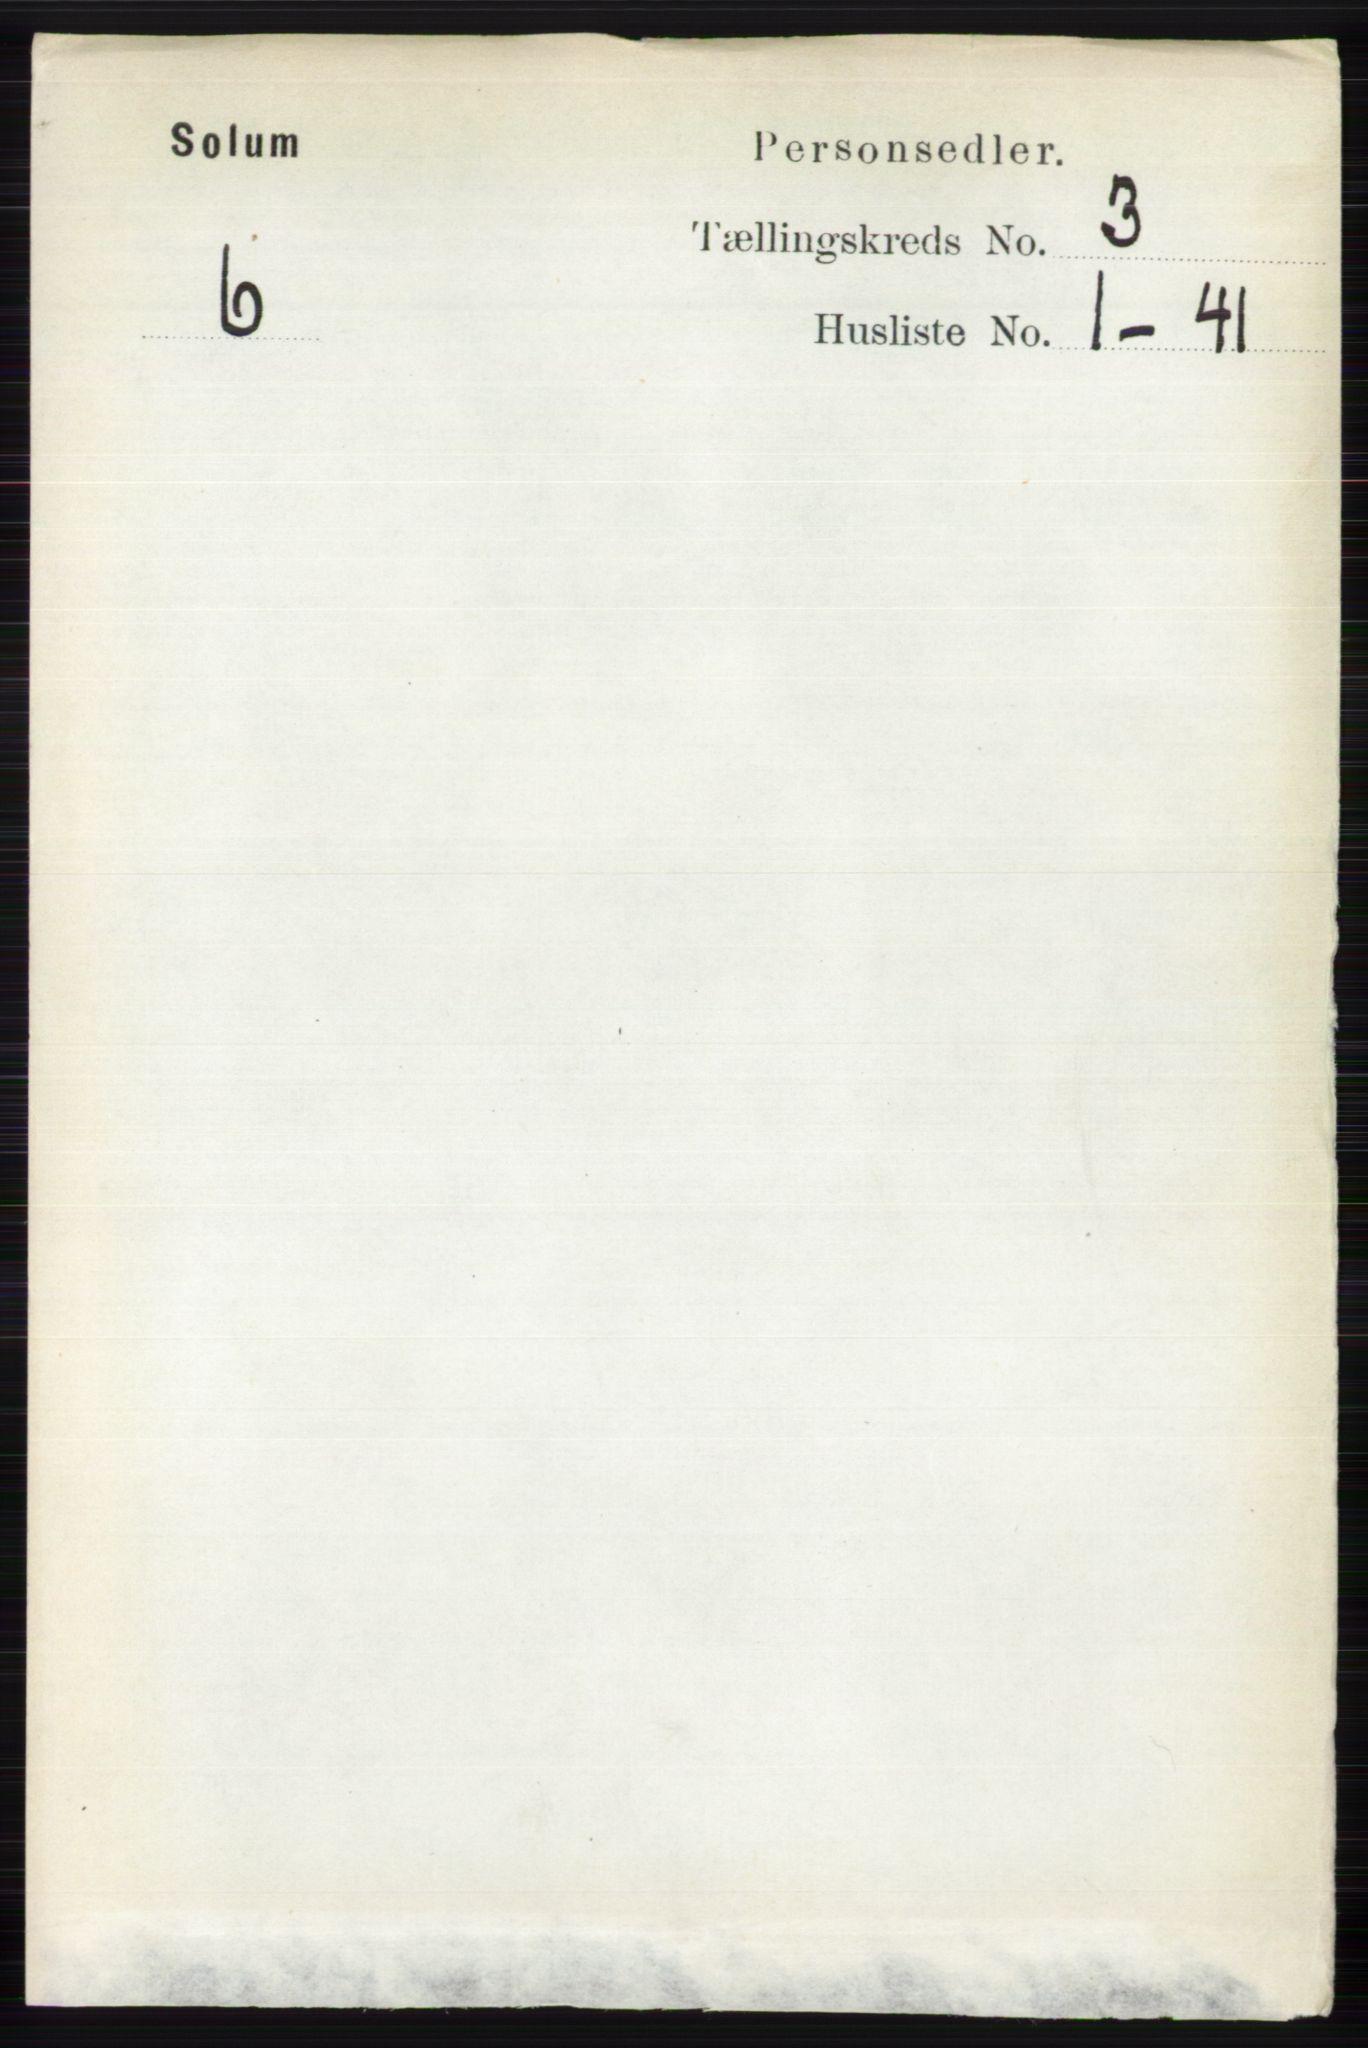 RA, Folketelling 1891 for 0818 Solum herred, 1891, s. 347